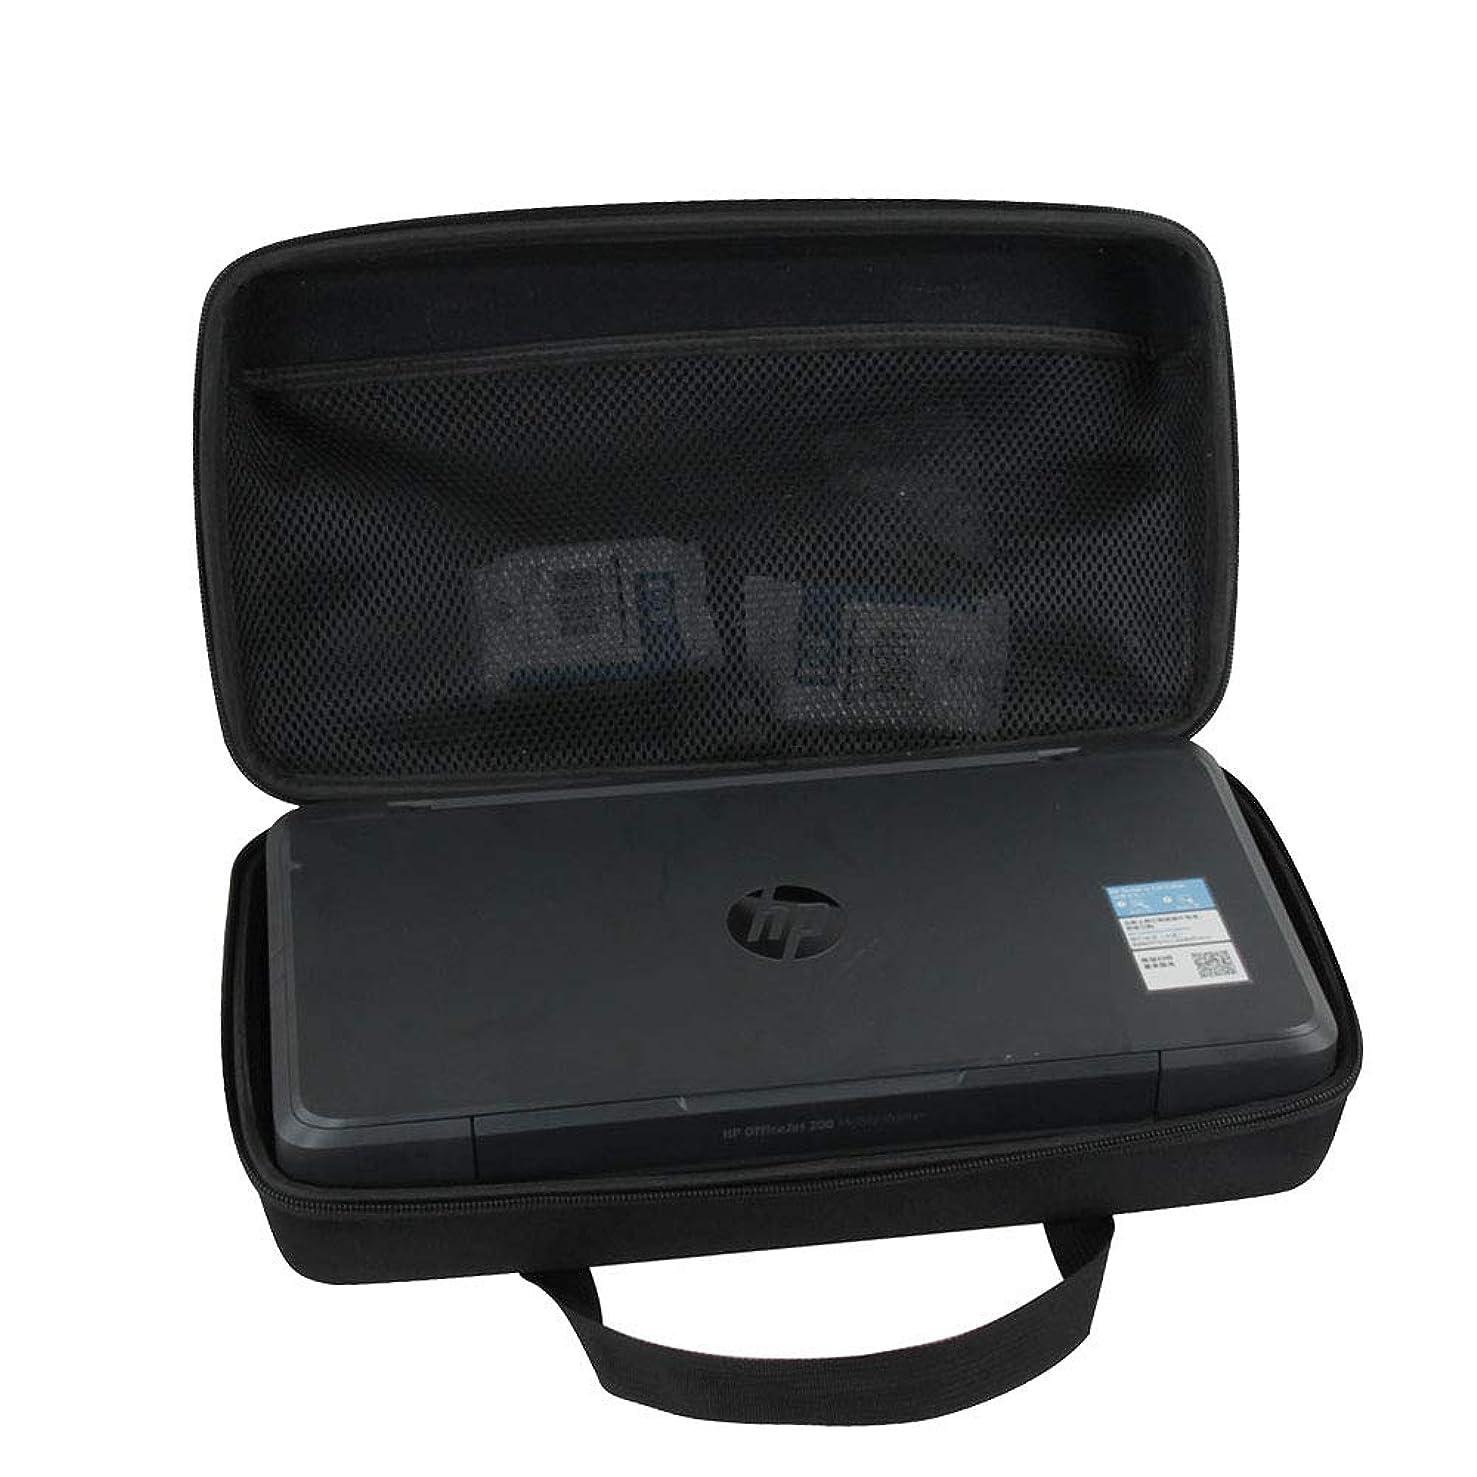 聴く建てる異形HP モバイル プリンター OfficeJet 200専用収納ケース-Hermitshell